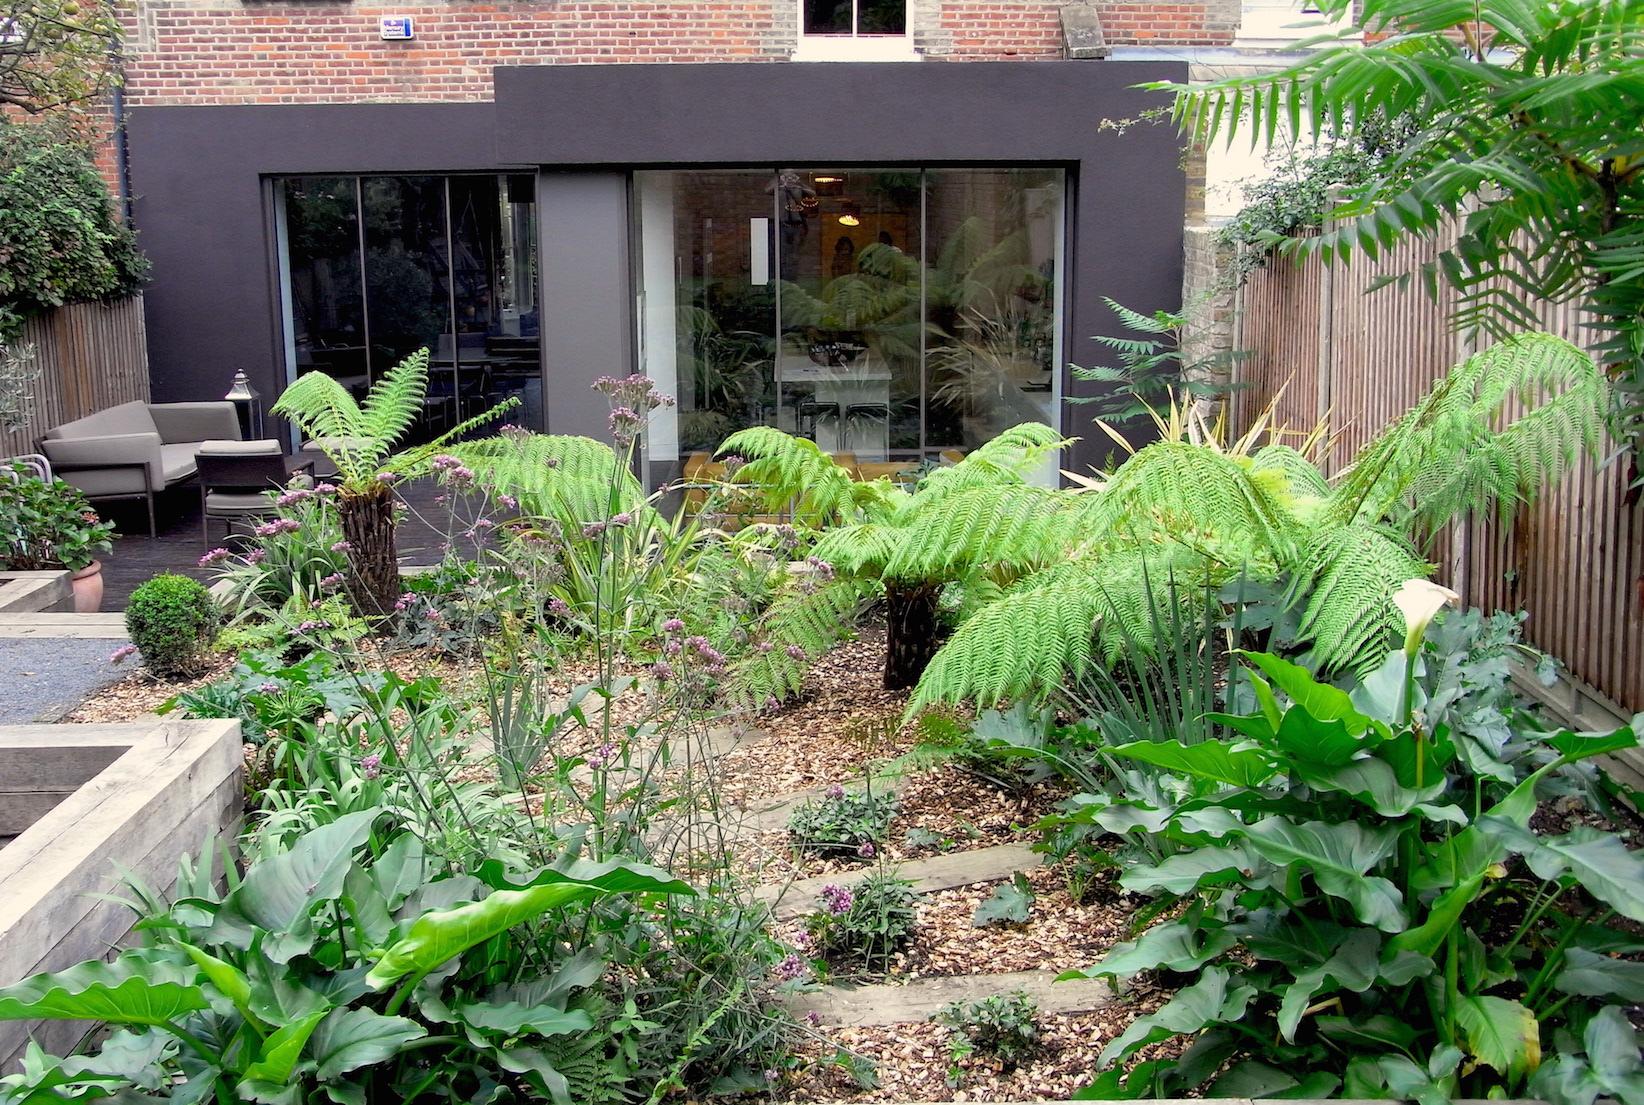 jungle garden design ideas photo - 9